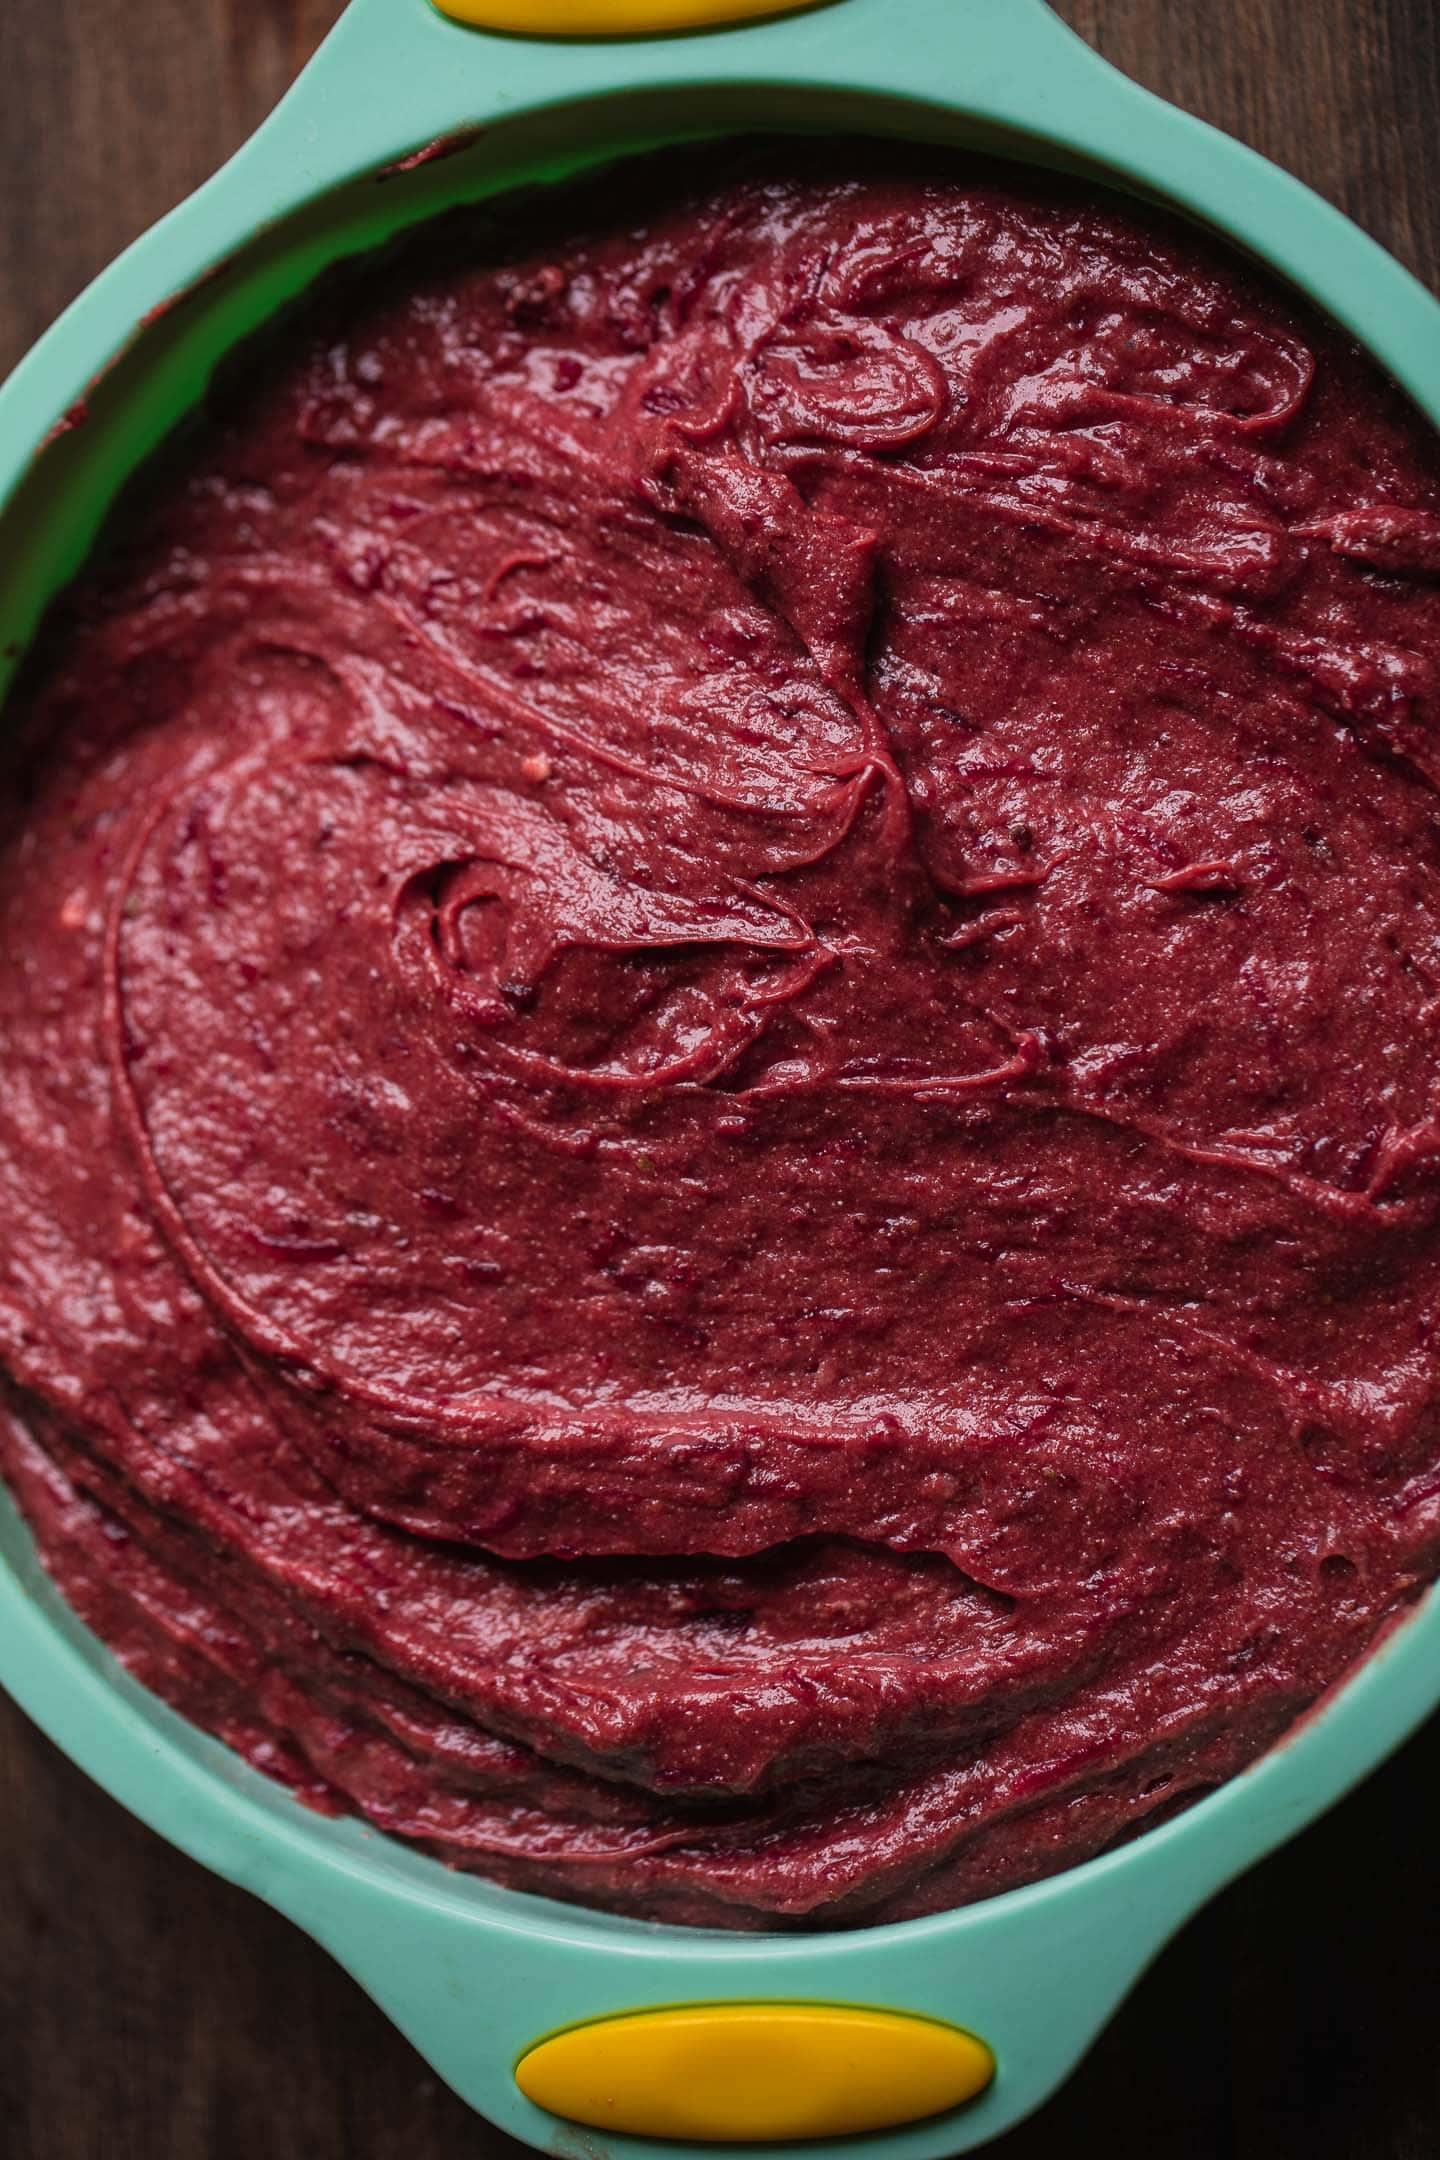 Red velvet cake batter in a cake tin